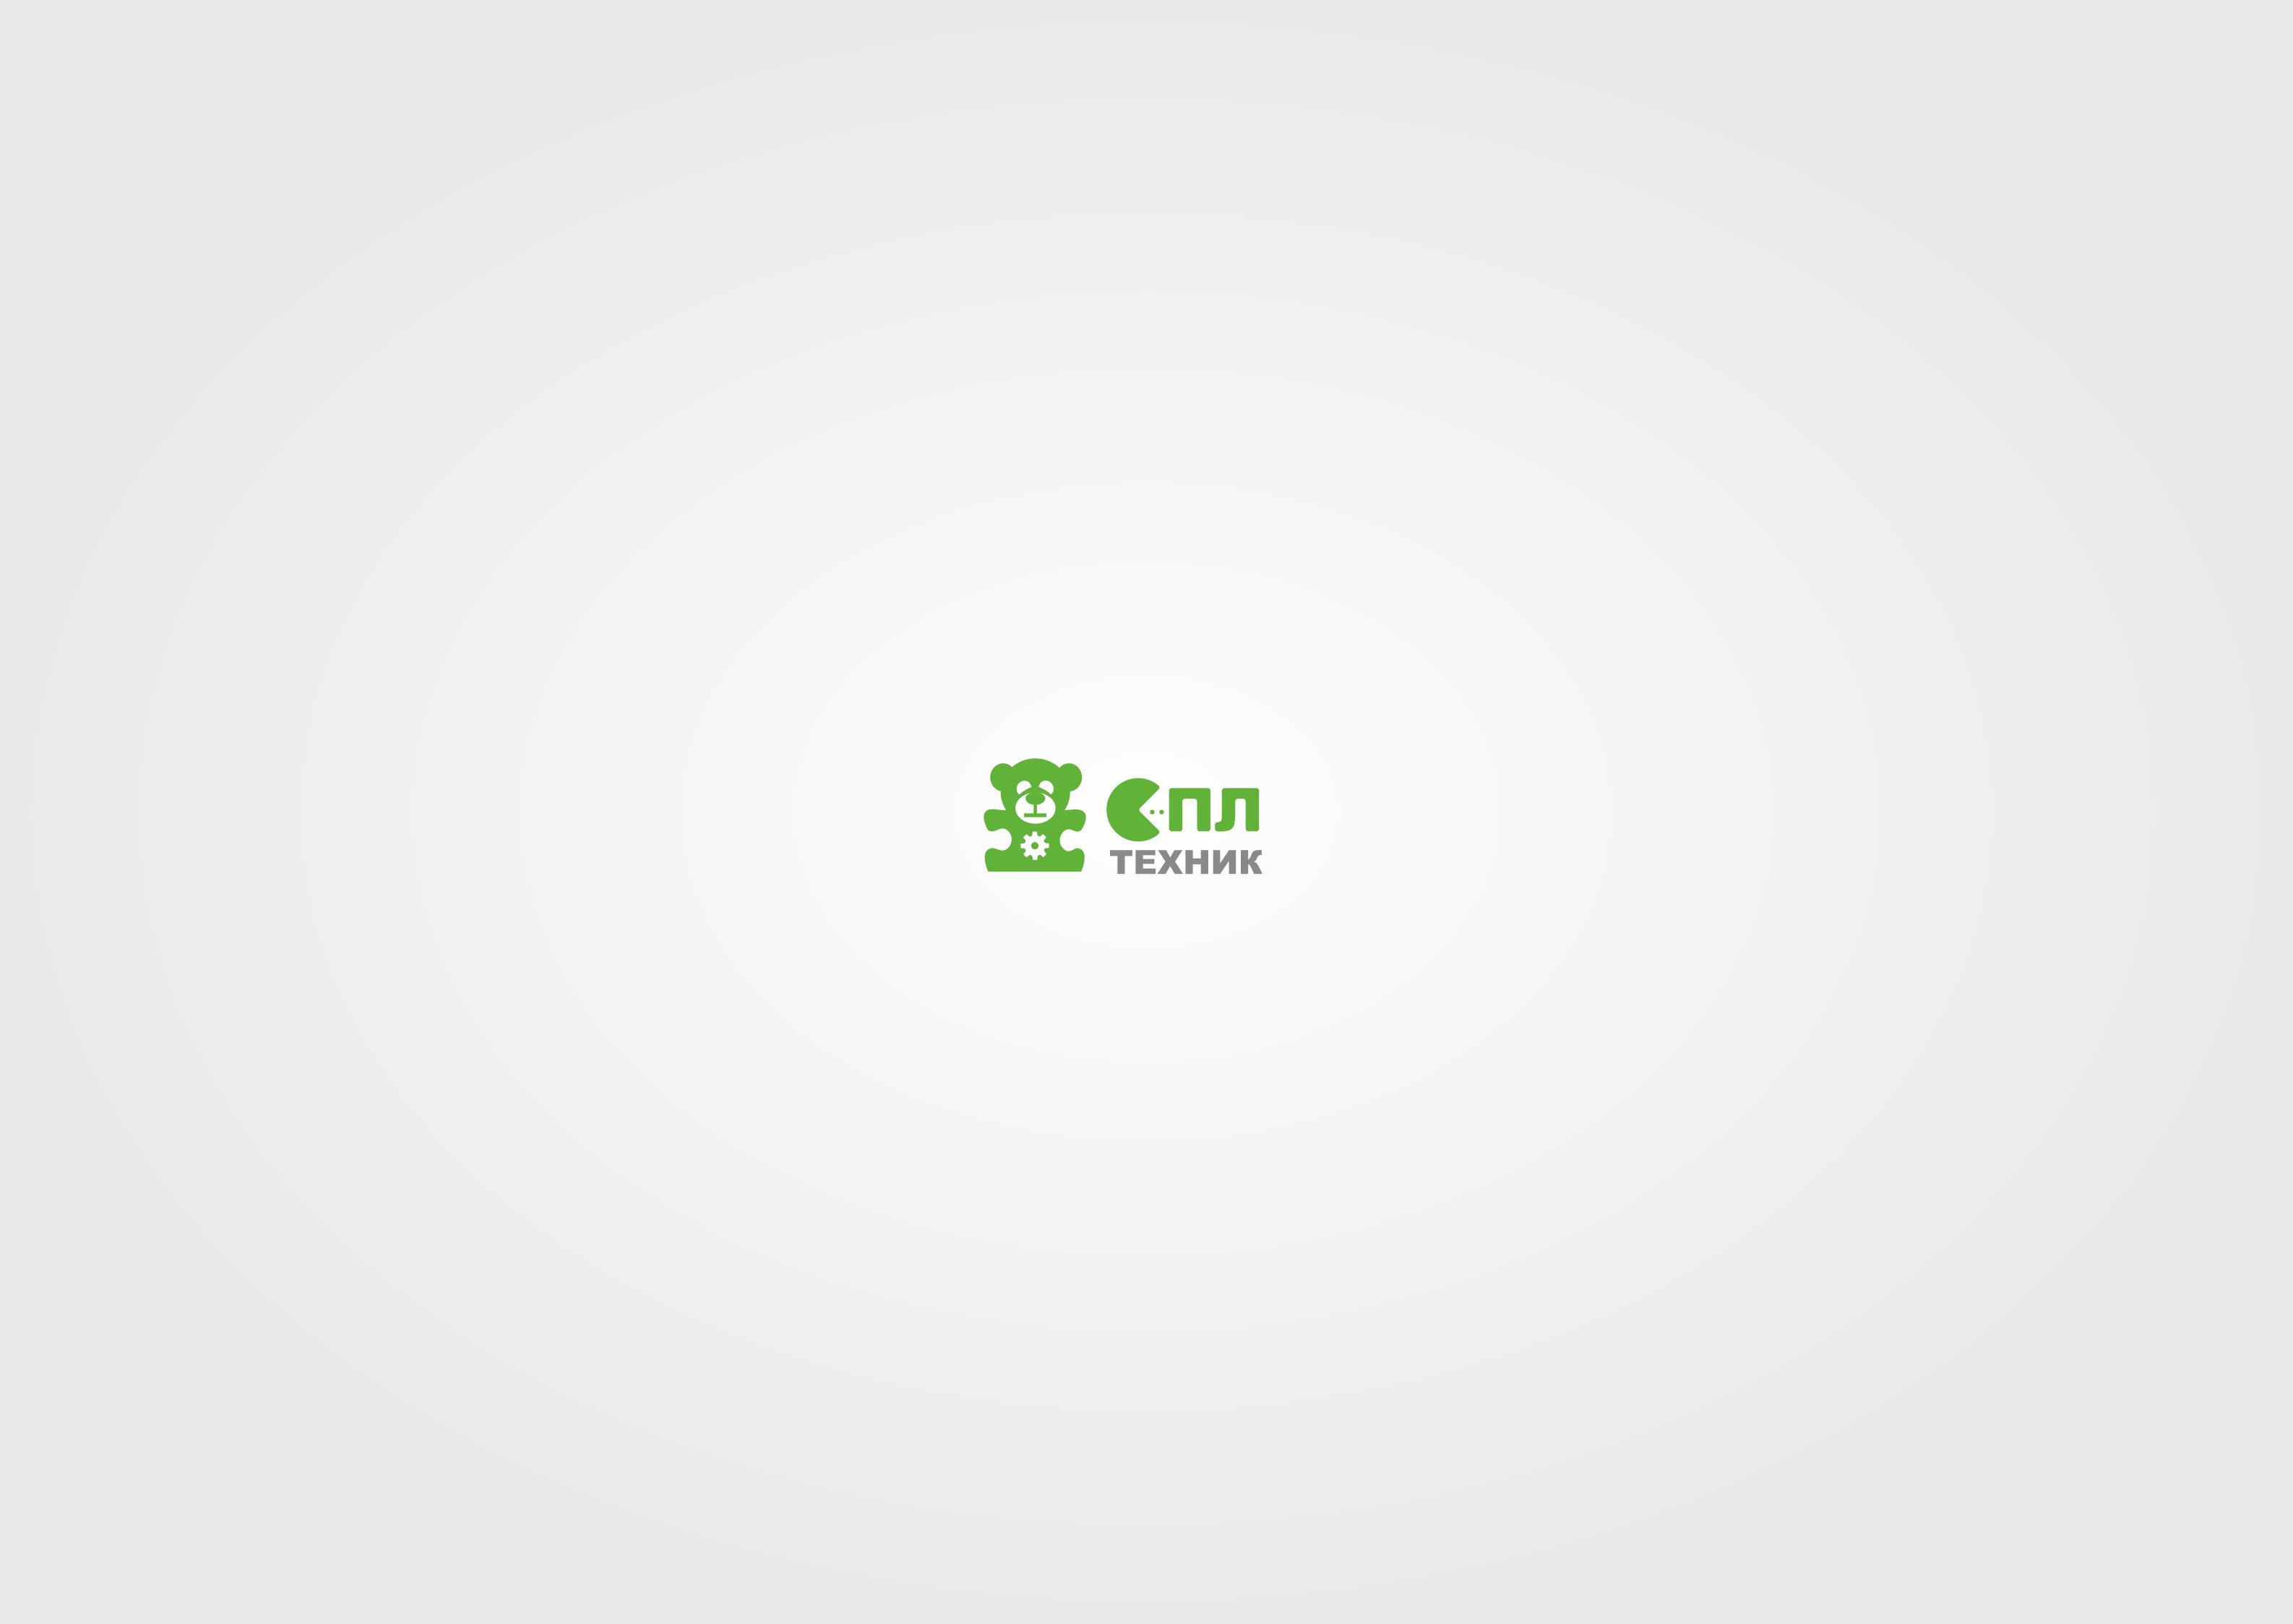 Разработка логотипа и фирменного стиля фото f_91459b6a306d2690.png